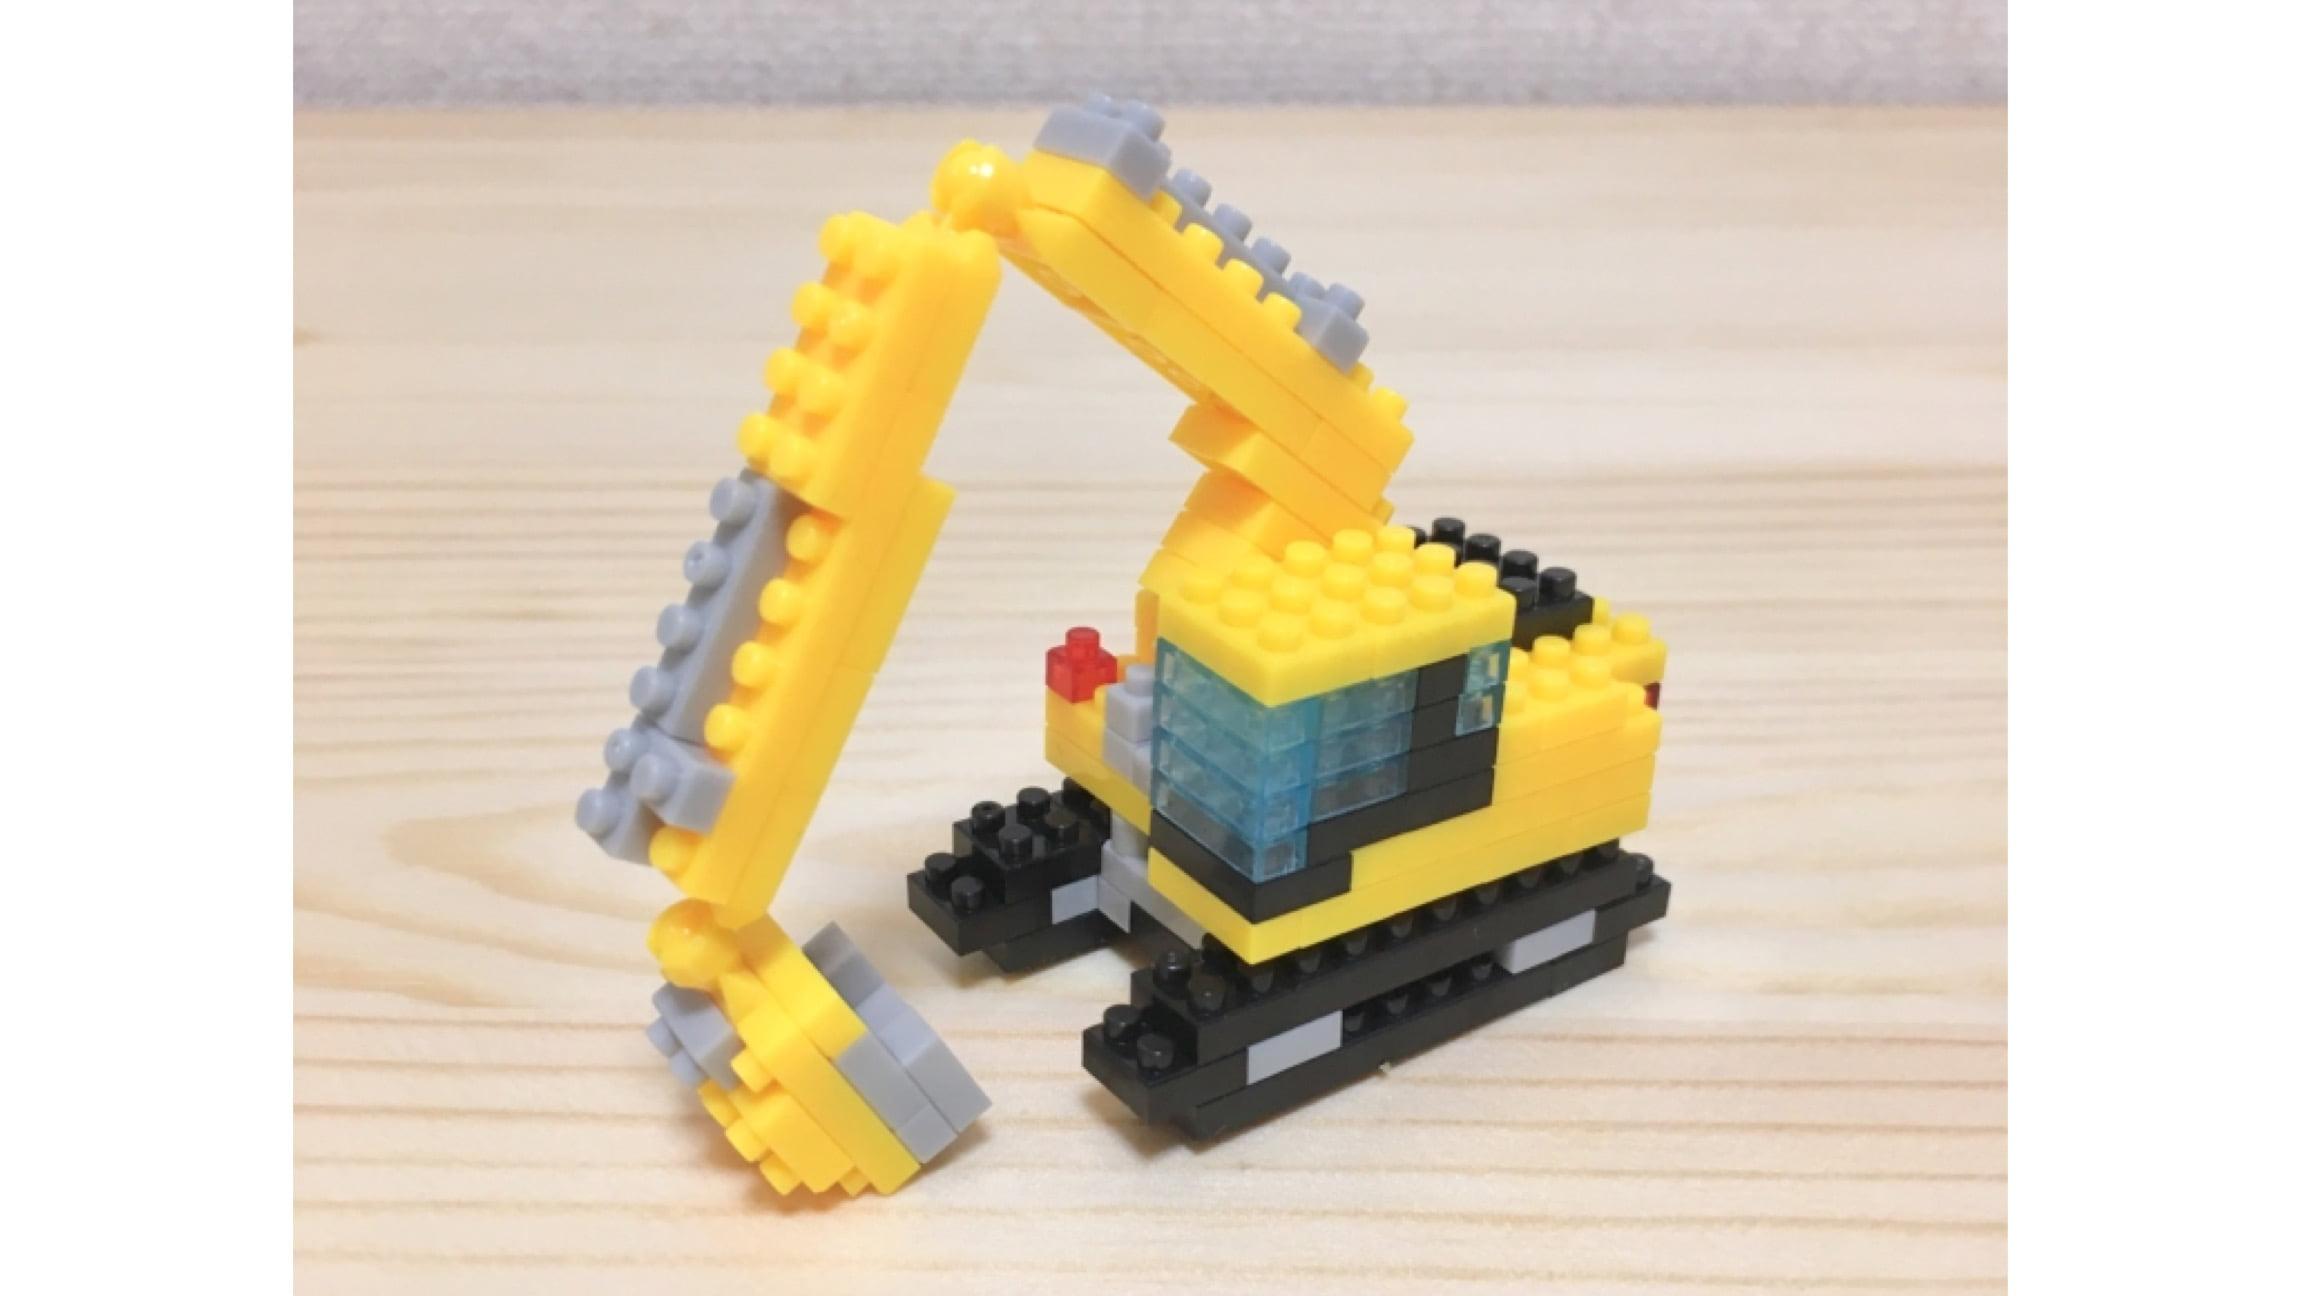 ダイソーのブロック「プチブロック」ではたらくくるまを作った